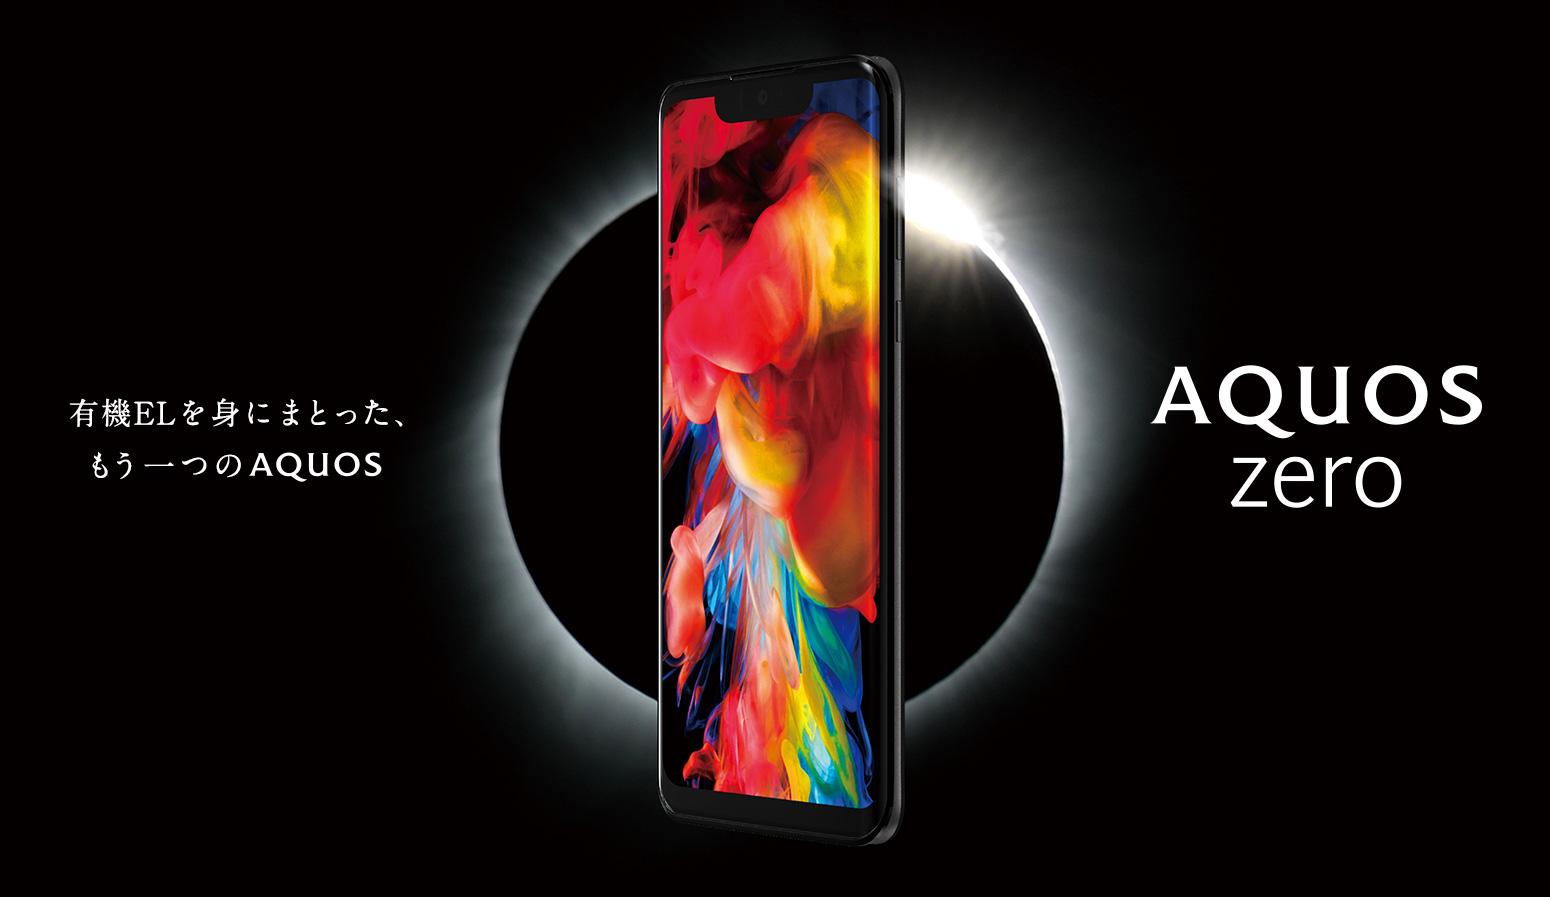 Sharp Aquos Zero představen – nabídne vlastní OLED displej a špičkový procesor